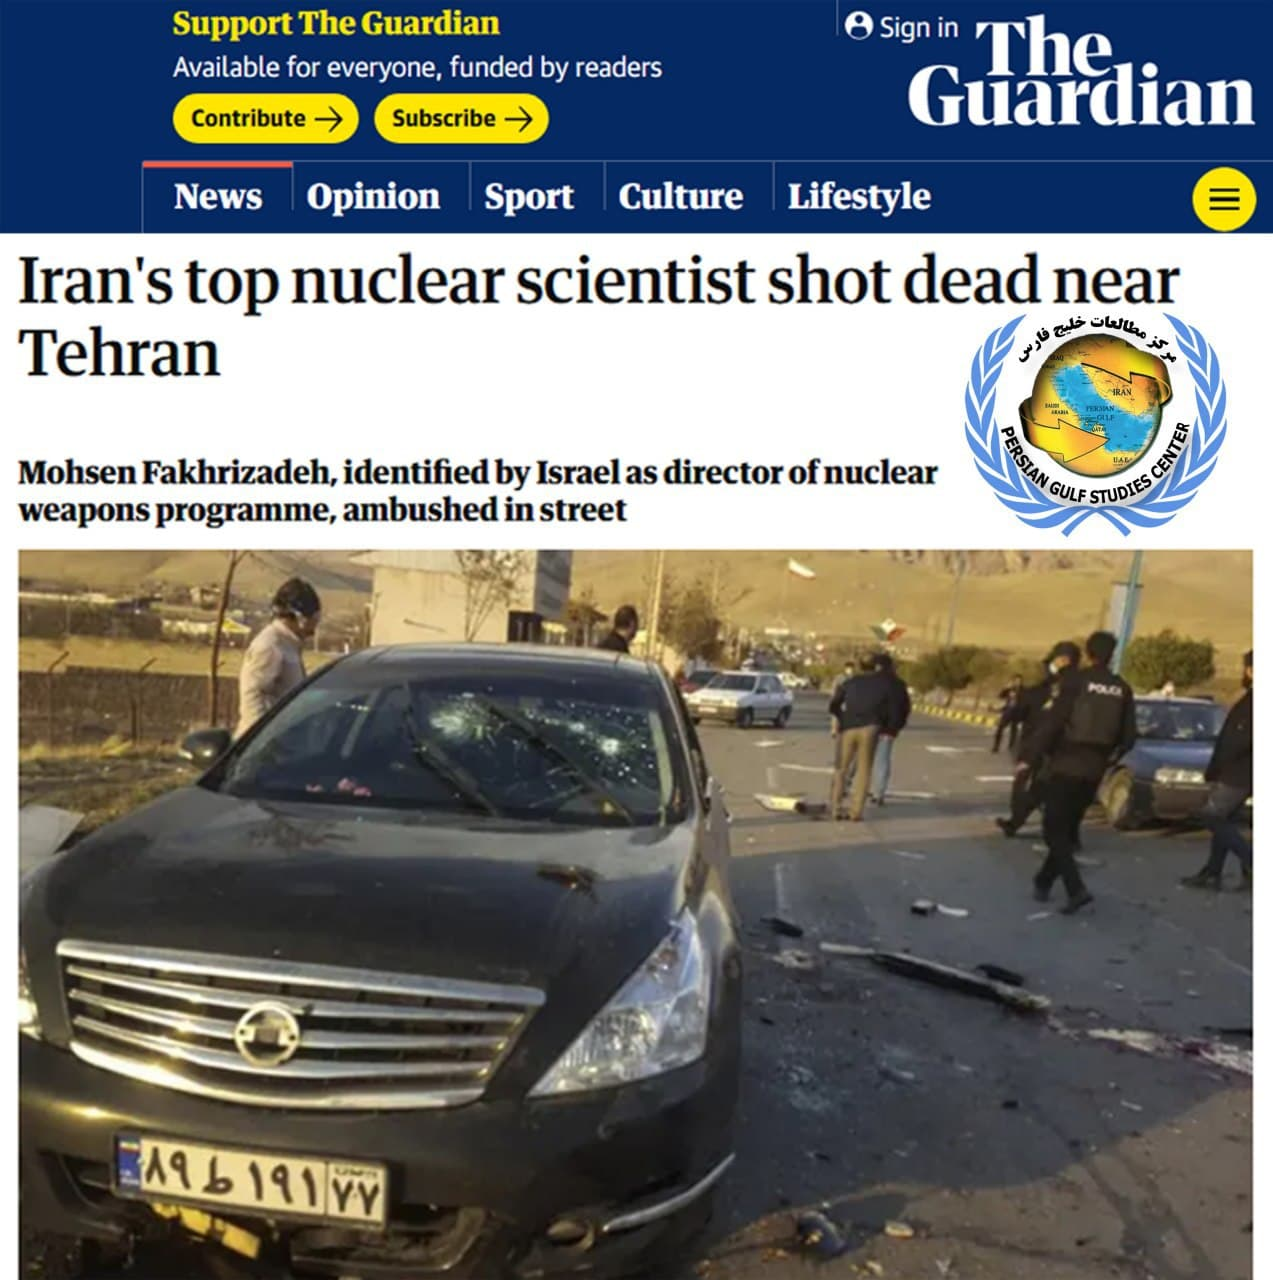 شهید  محسن فخریزاده دانشمند هسته ای یا دفاعی؟/ بازیگران منطقه این روزها بر لب پرتگاه قدم می زنند